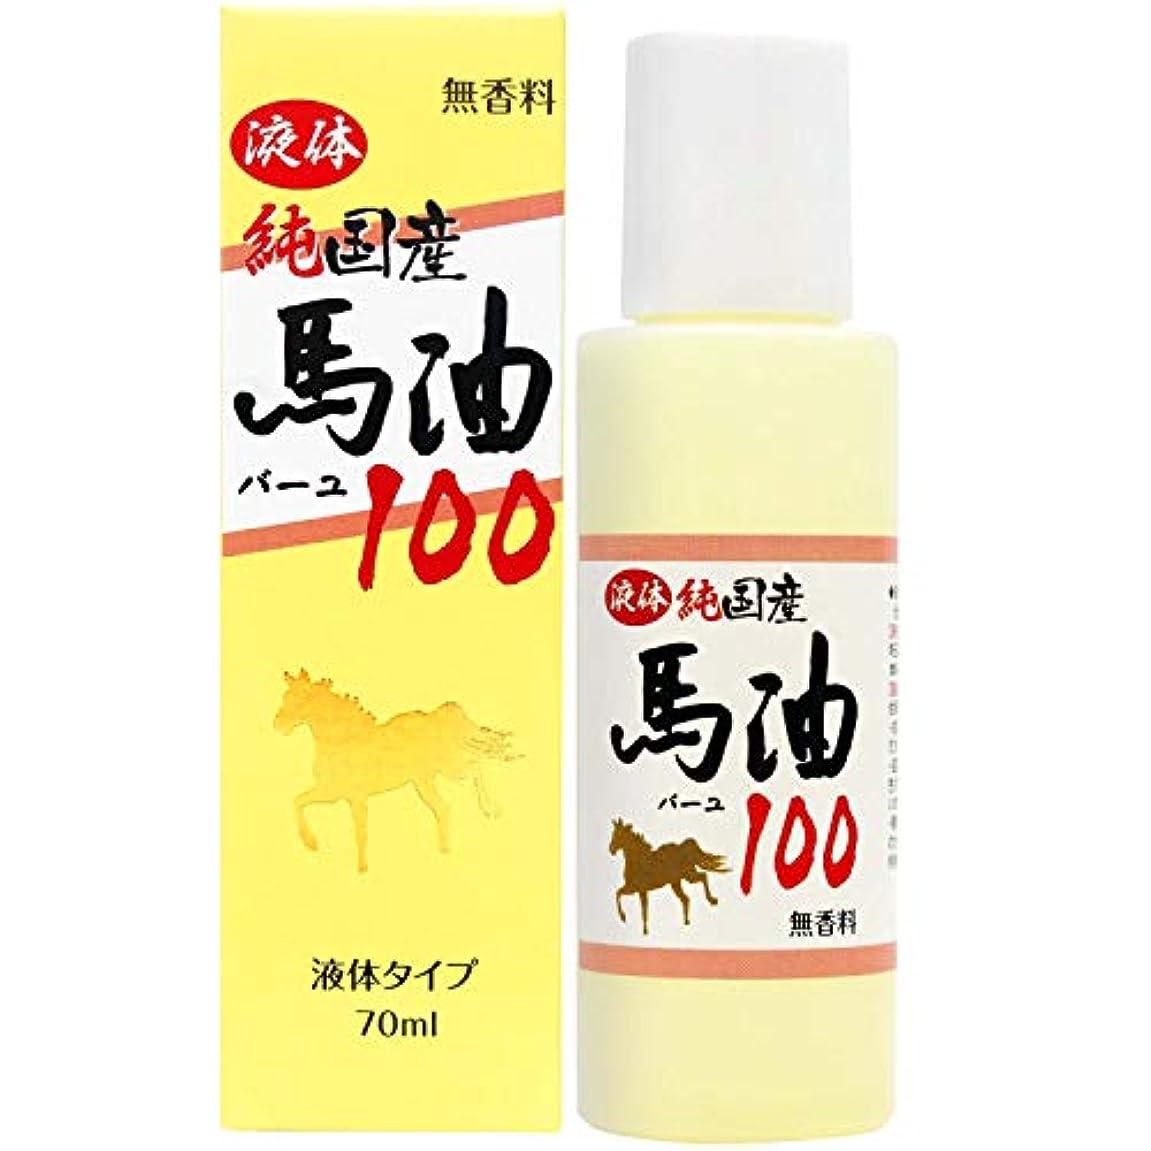 多用途デザートでもユウキ製薬 液体純国産馬油100 70ml